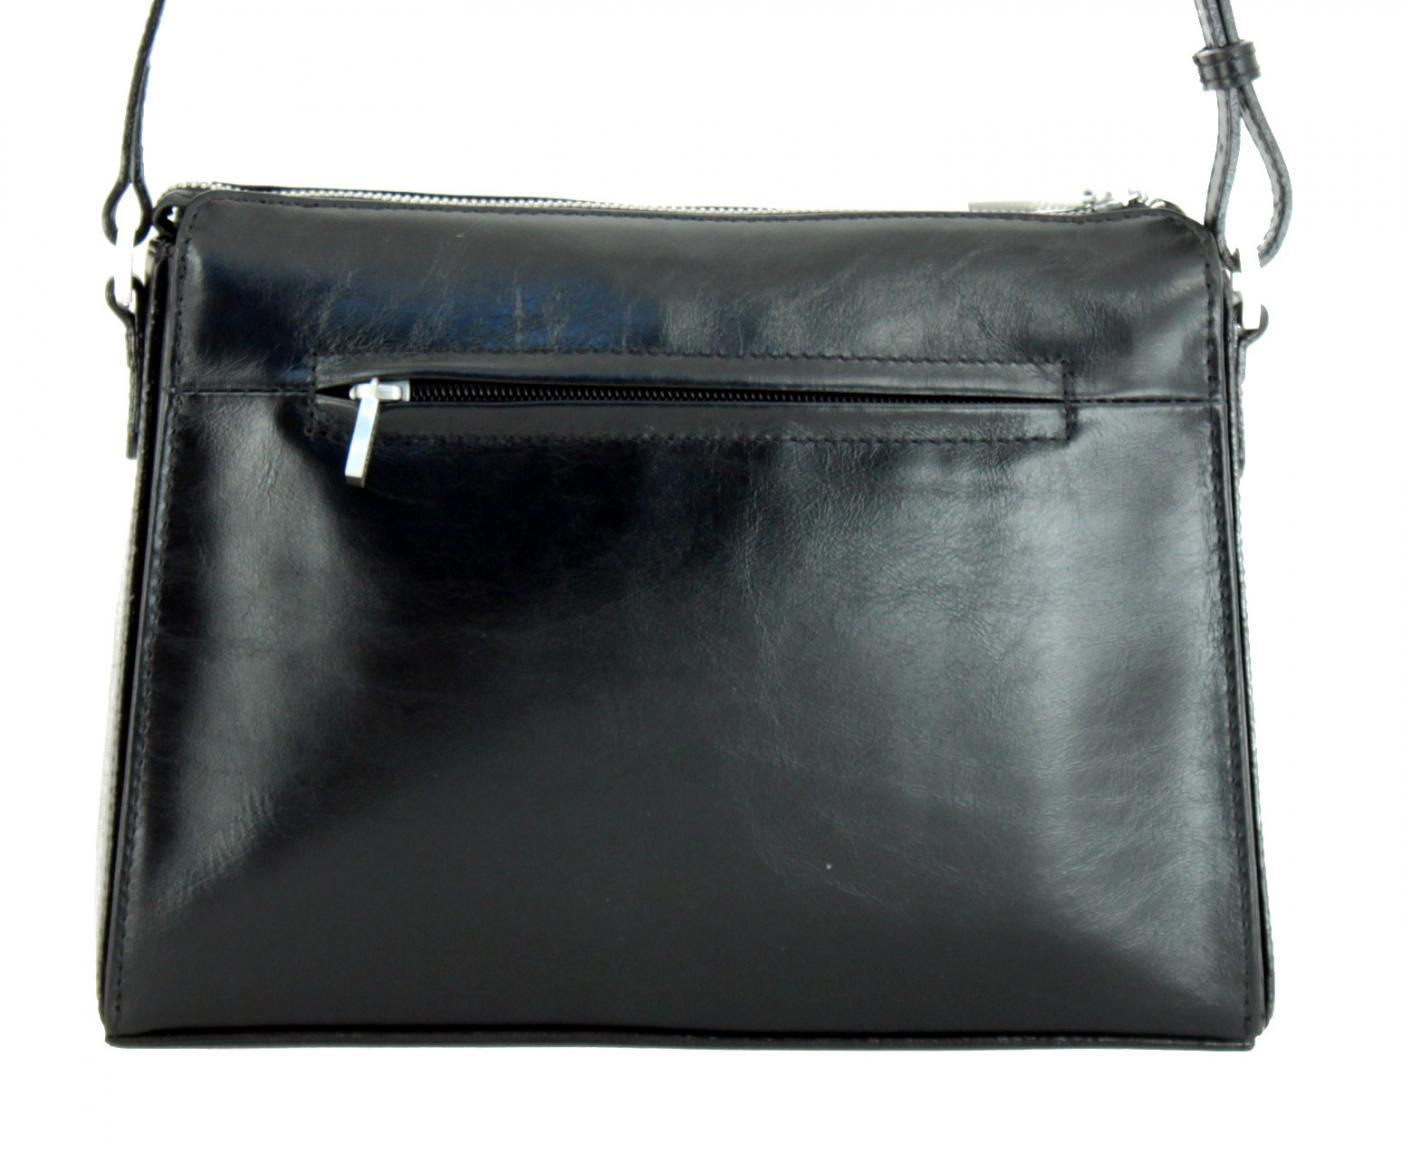 Damentasche Claudio Ferrici Zipper schwarz Glattleder